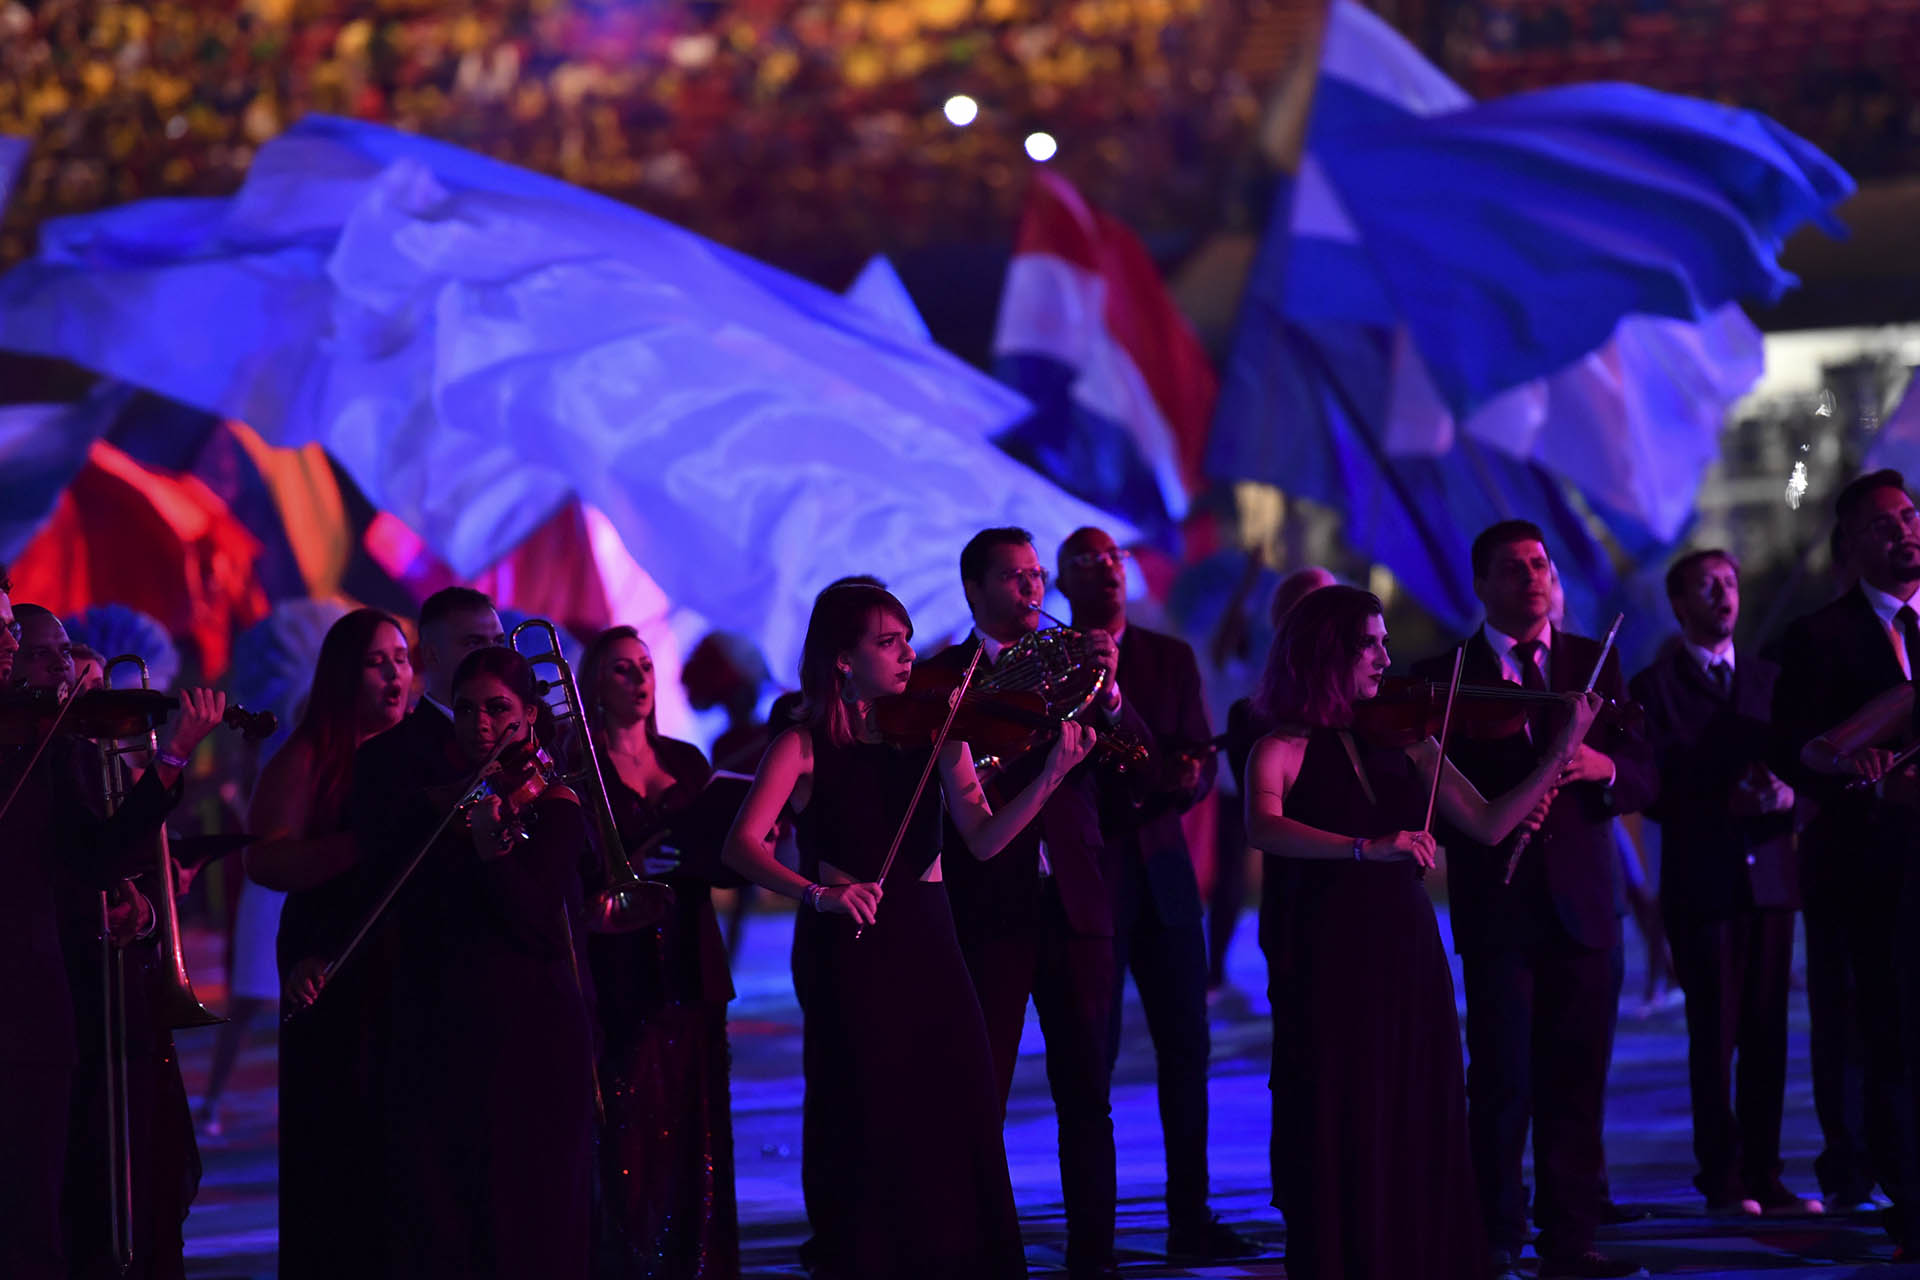 La orquesta de San Pablo acompañó la fiesta con violines y flautas